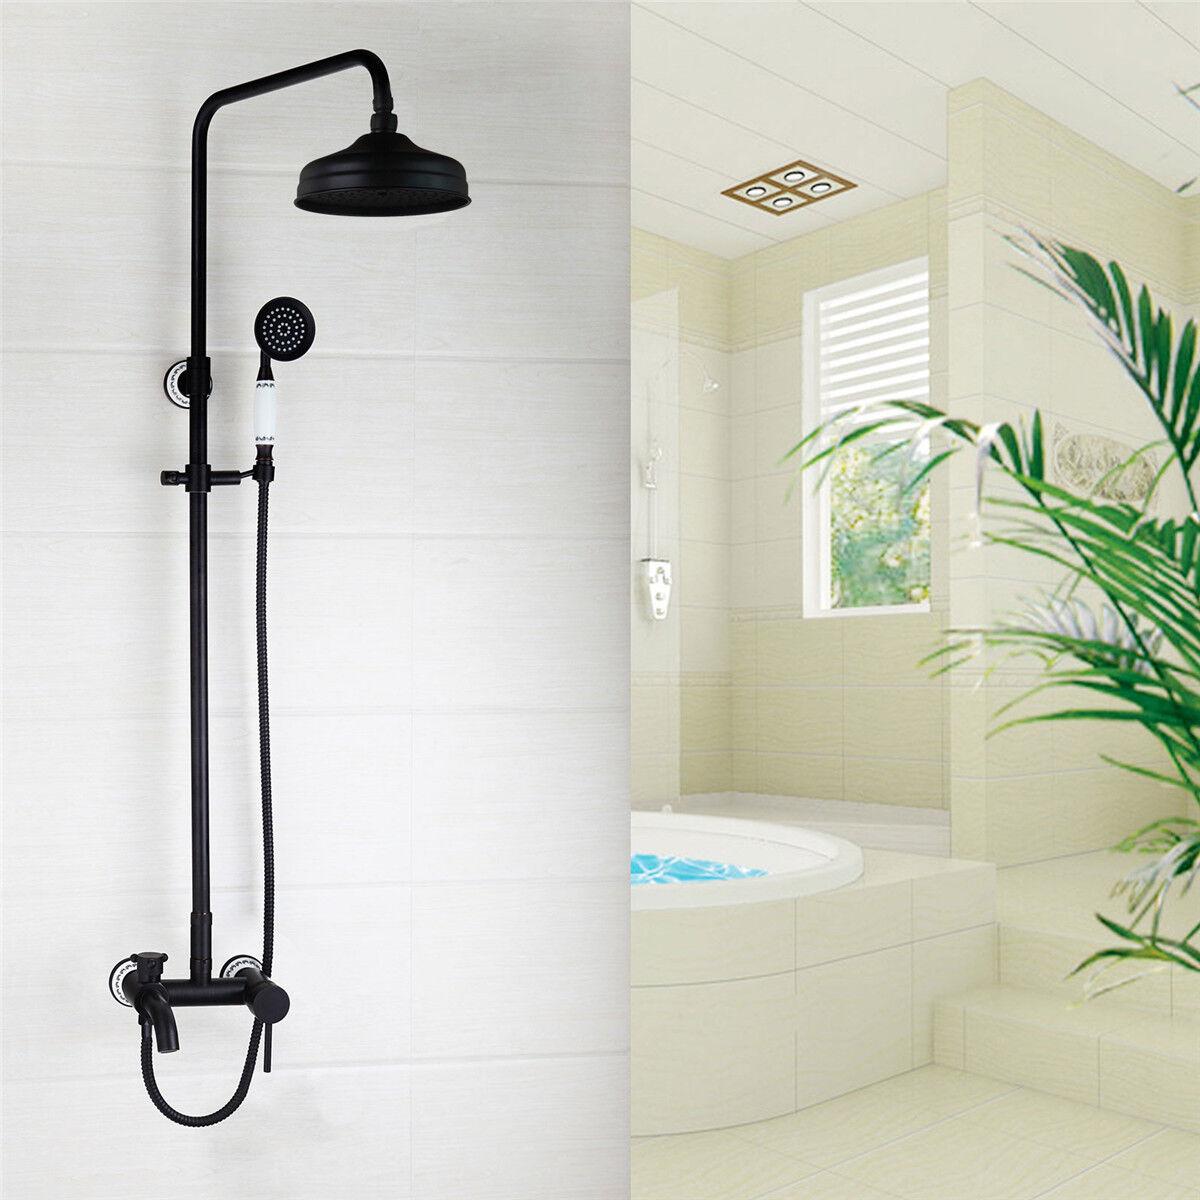 8  d'huile Noir laiton salle de bain précipitations douche mélangeur robinet Set mitigeur bain Robinets